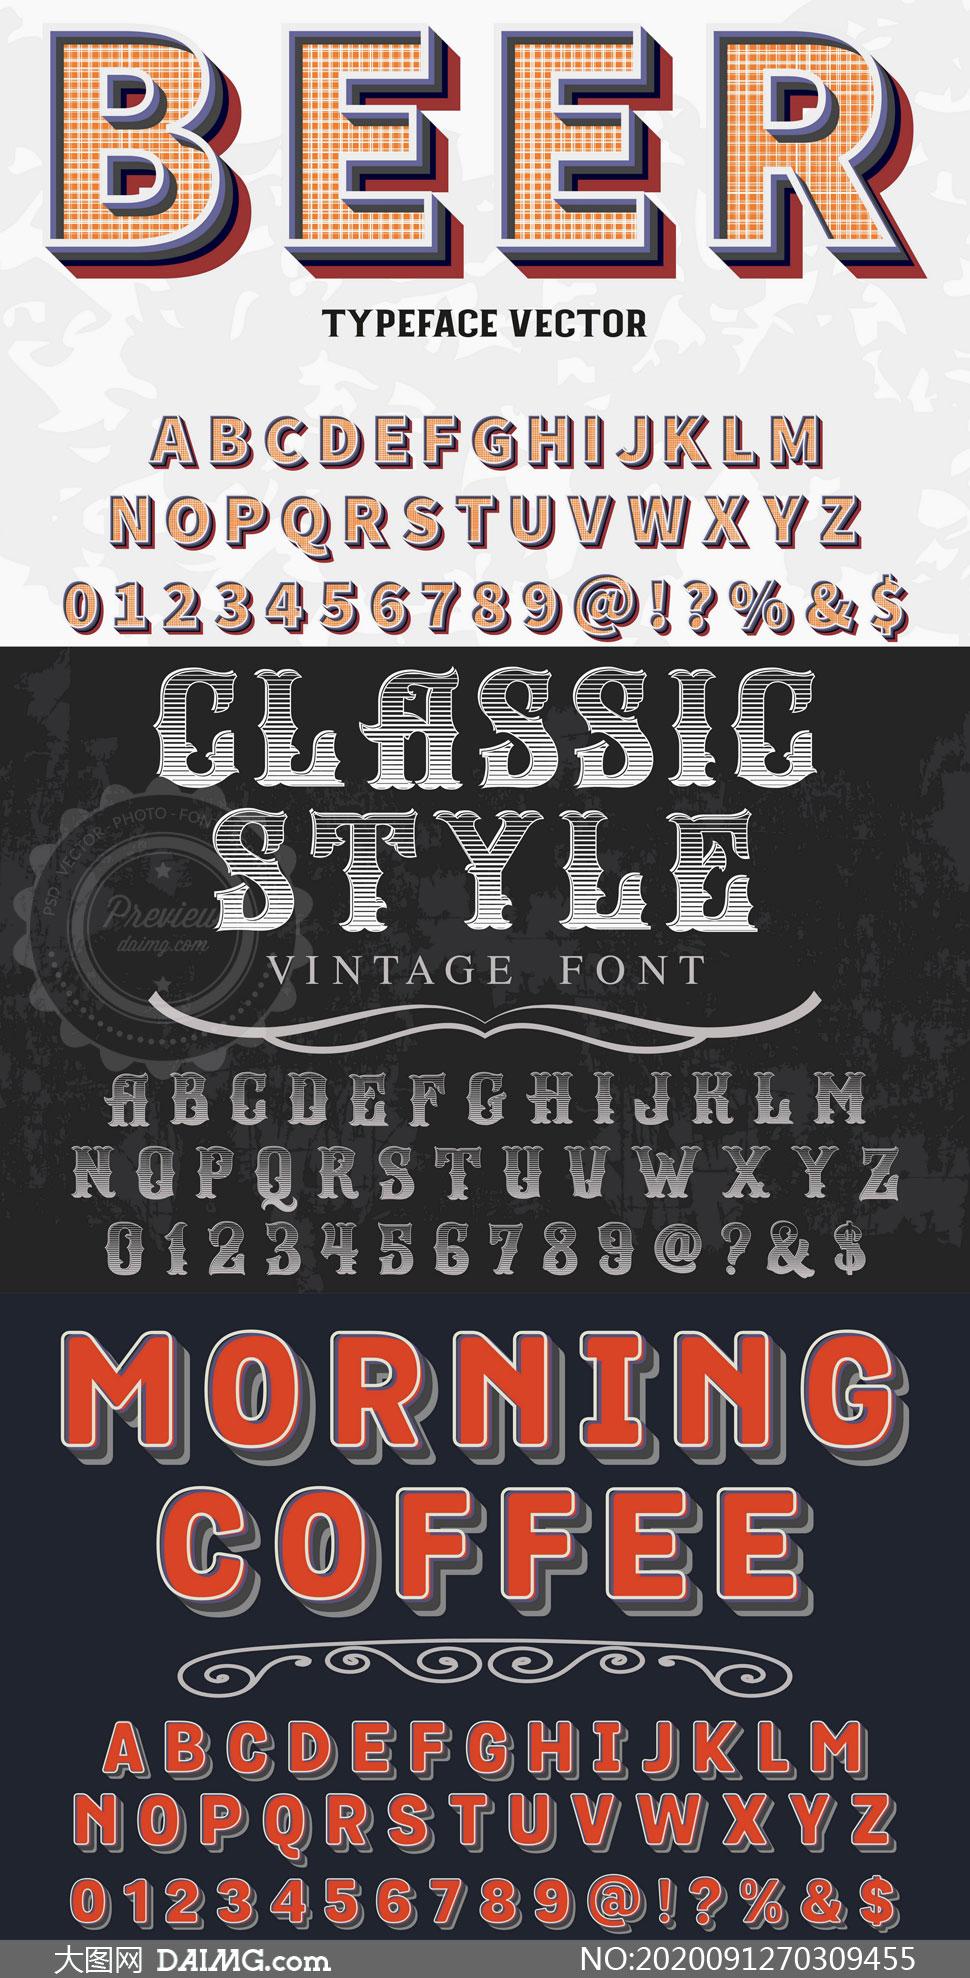 风格不一的英文字体设计矢量素材V10